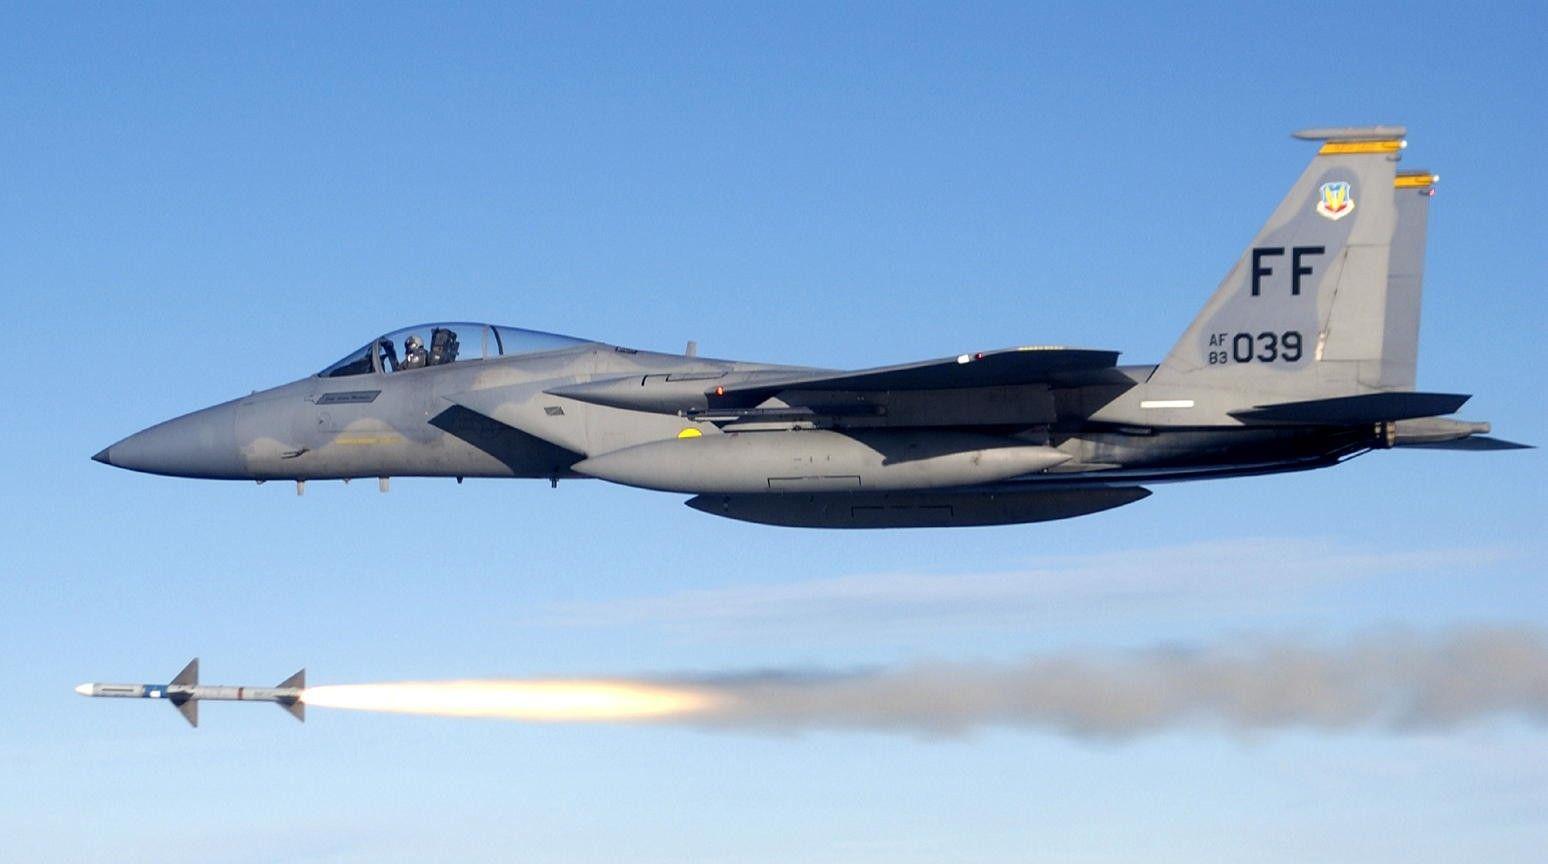 F15 / en.wikipedia.org